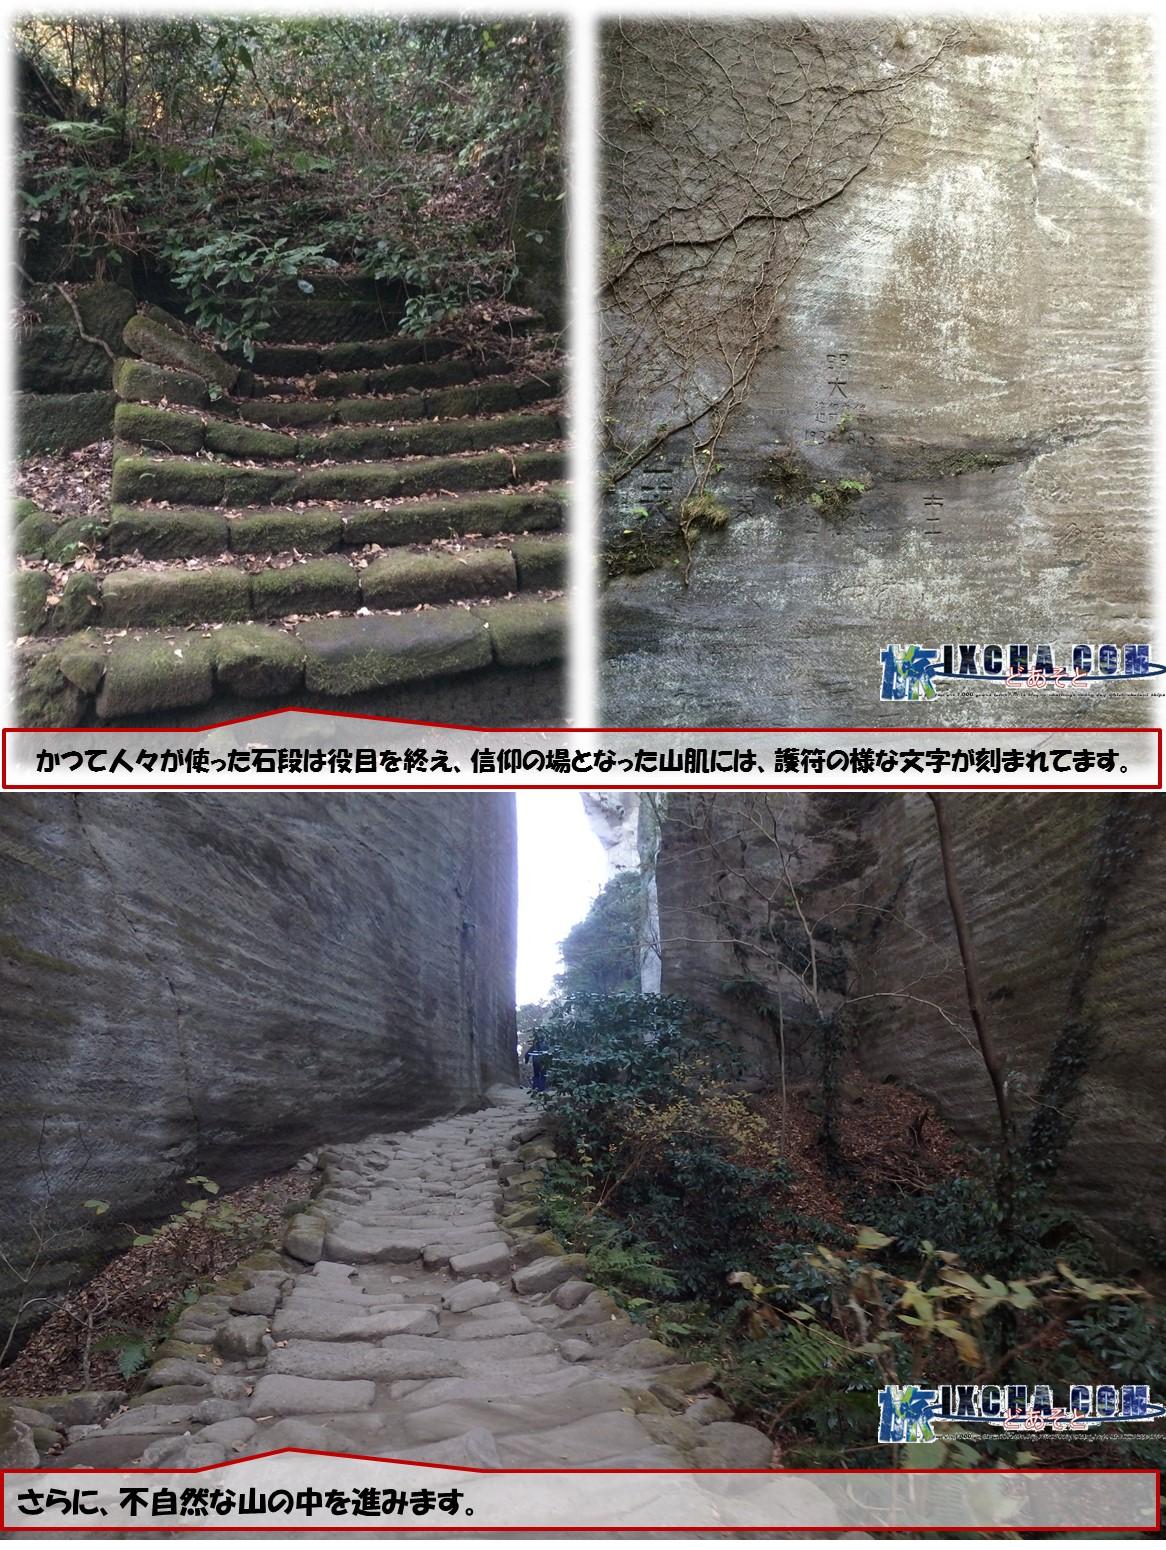 かつて人々が使った石段は役目を終え、信仰の場となった山肌には、護符の様な文字が刻まれてます。 さらに、不自然な山の中を進みます。